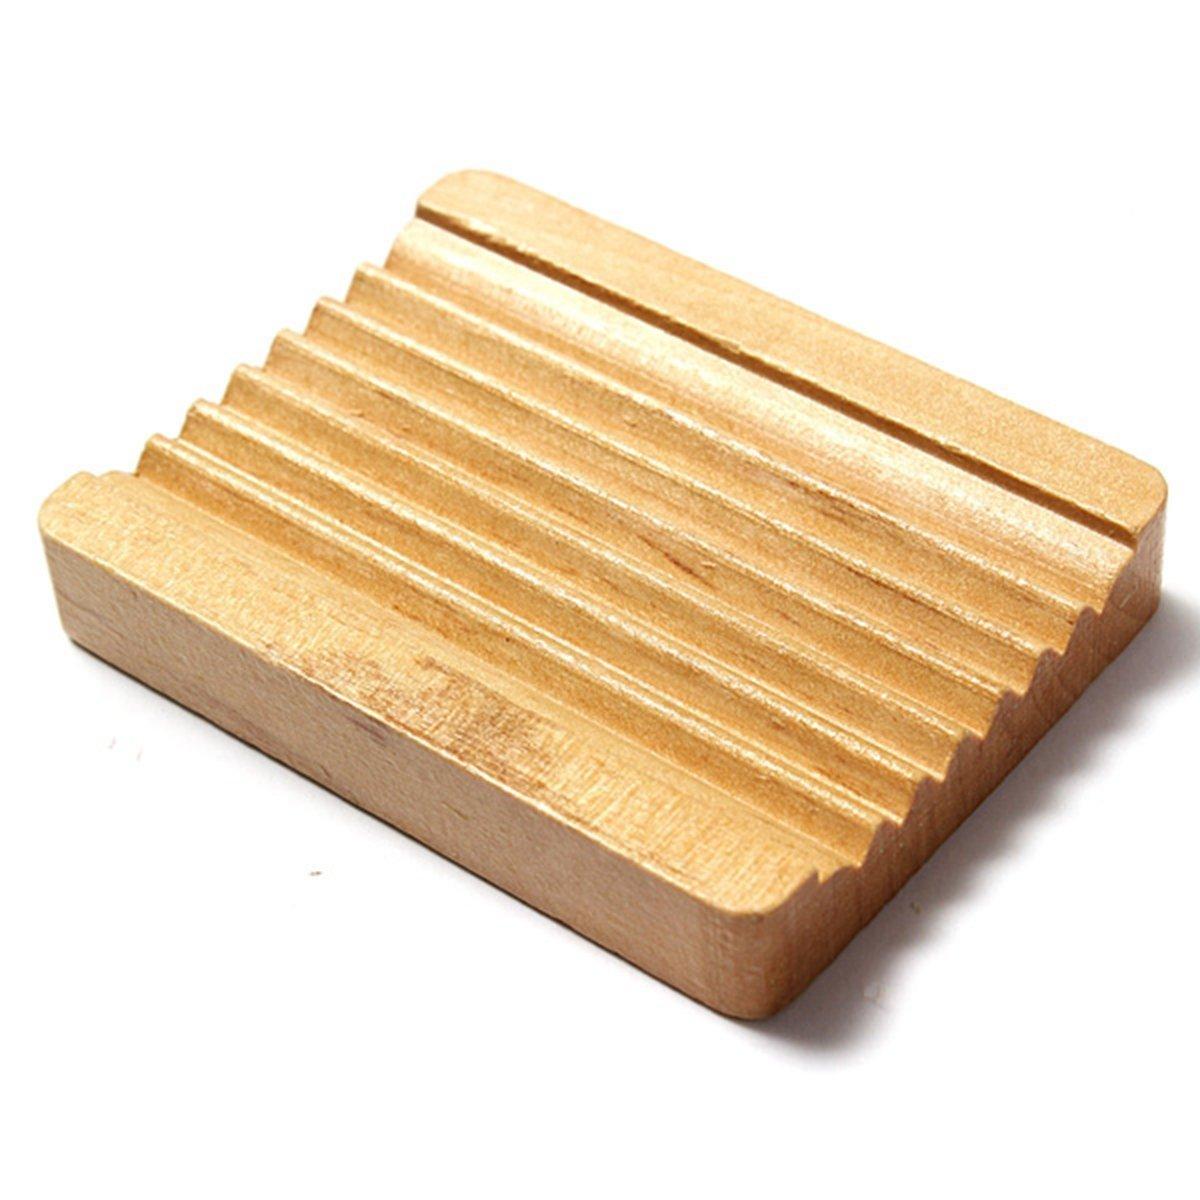 SODIAL Vaschetta portasapone in legno naturale trapezoidale portasalviette per box doccia 10 x 7,5 cm